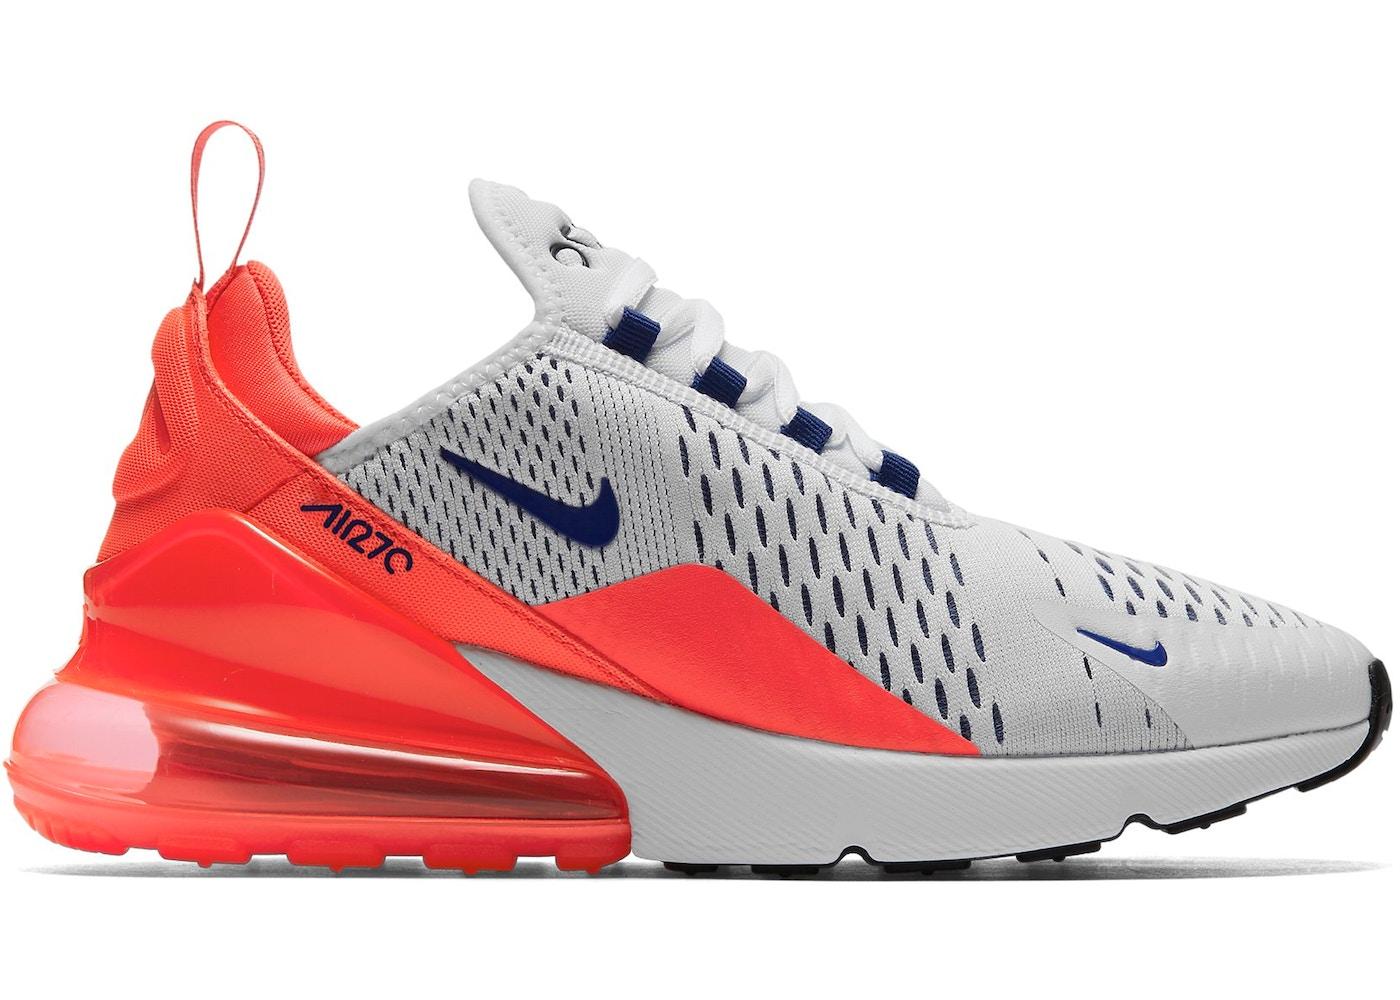 Nike Air Max 270 Ultramarine (W)